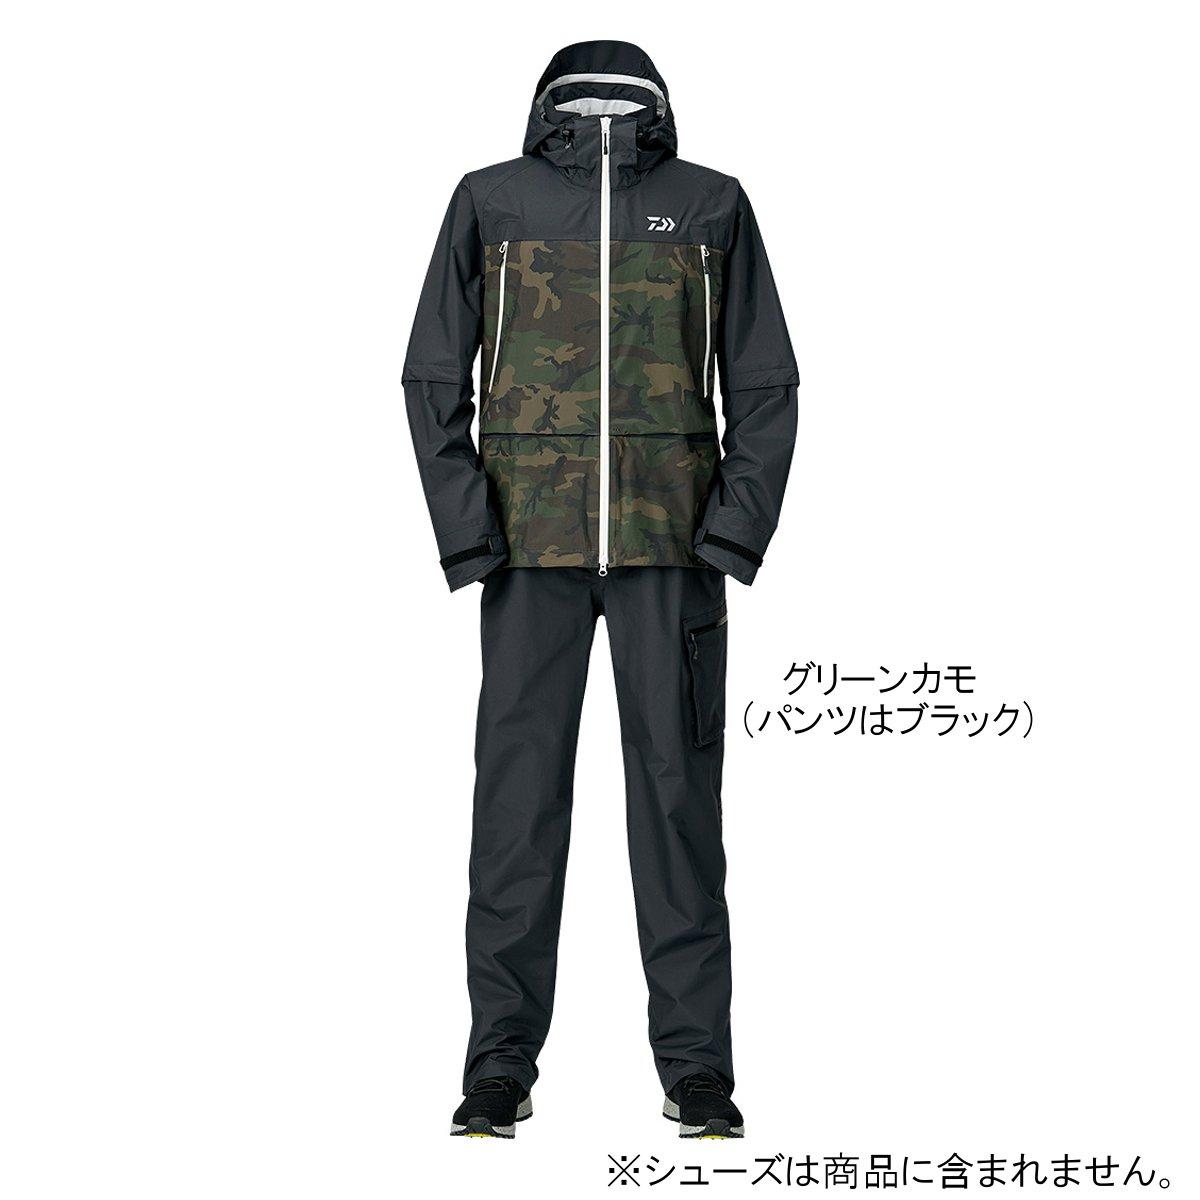 ダイワ レインマックス デタッチャブルレインスーツ DR-30009 2XL グリーンカモ(東日本店)